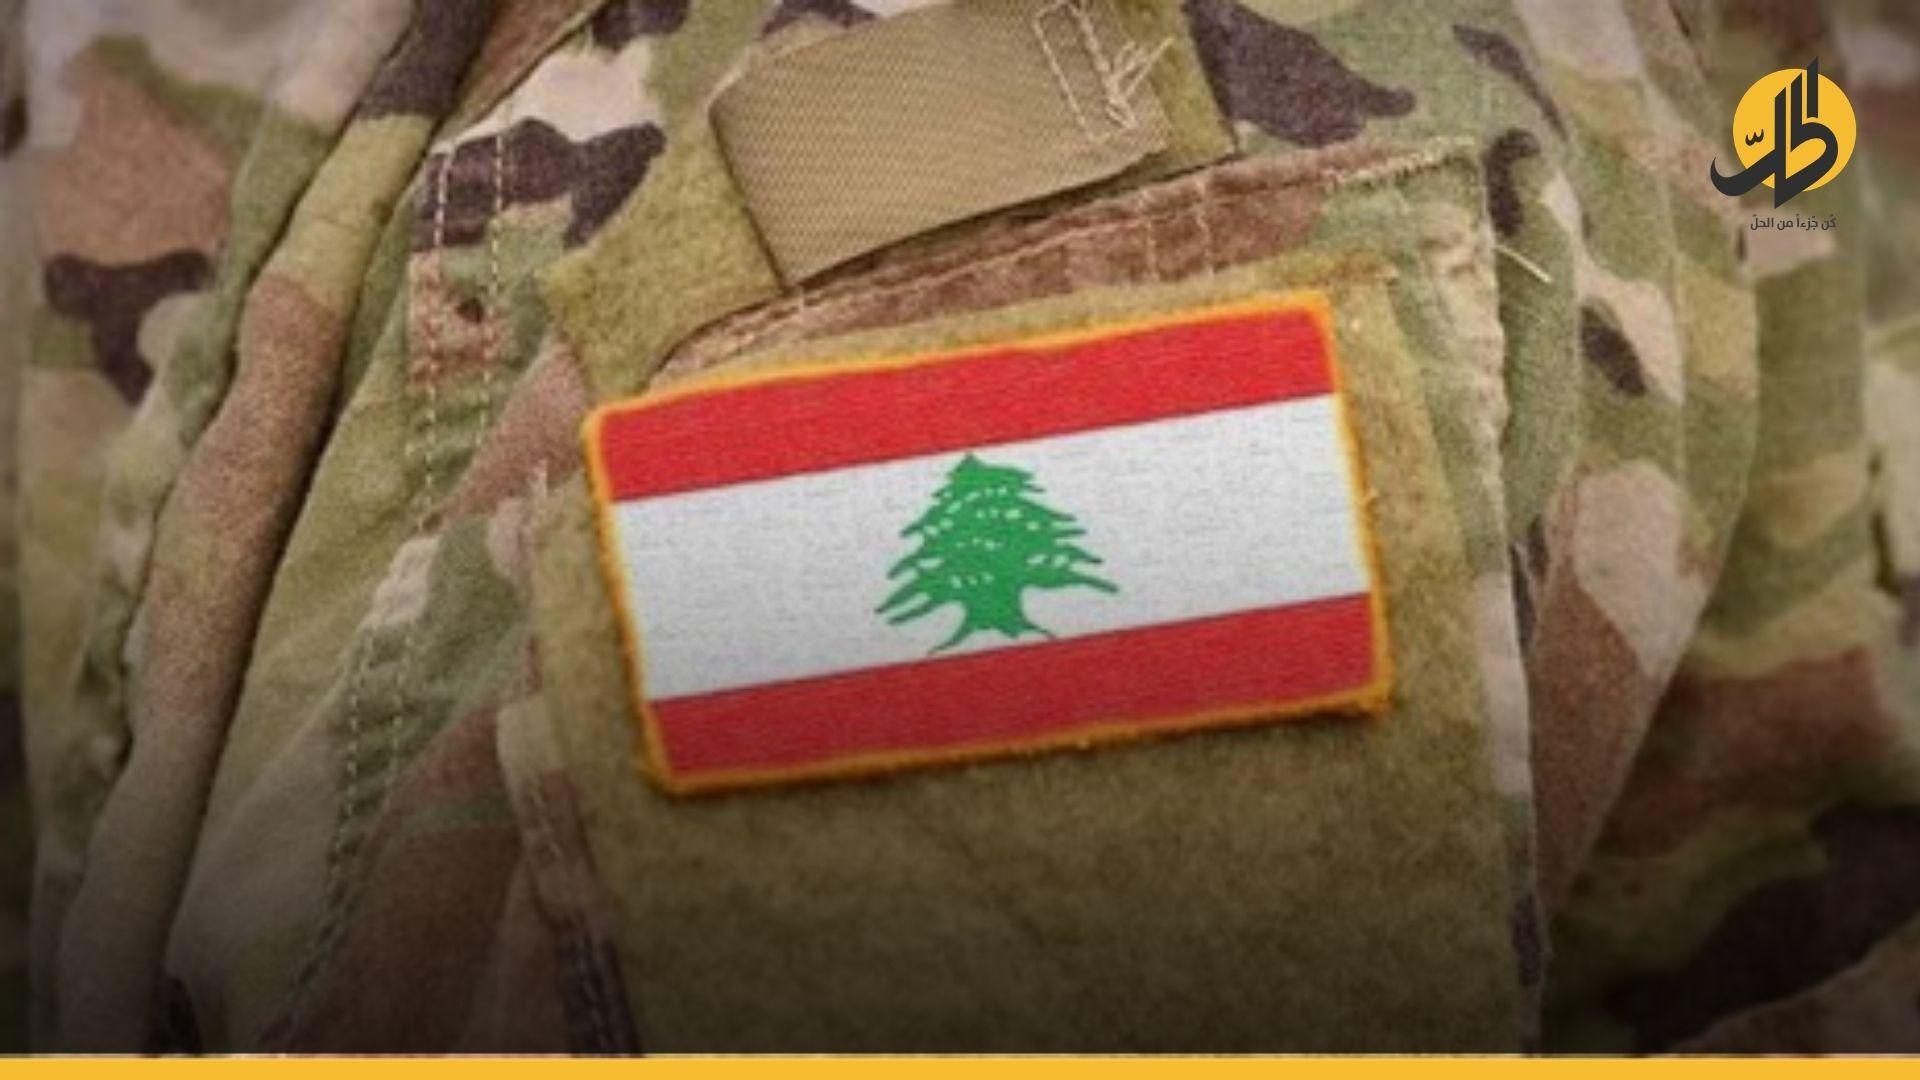 3 ملايين دولار من العراق للجيش اللبناني.. سياسي: نازحو الموصل أولى بها